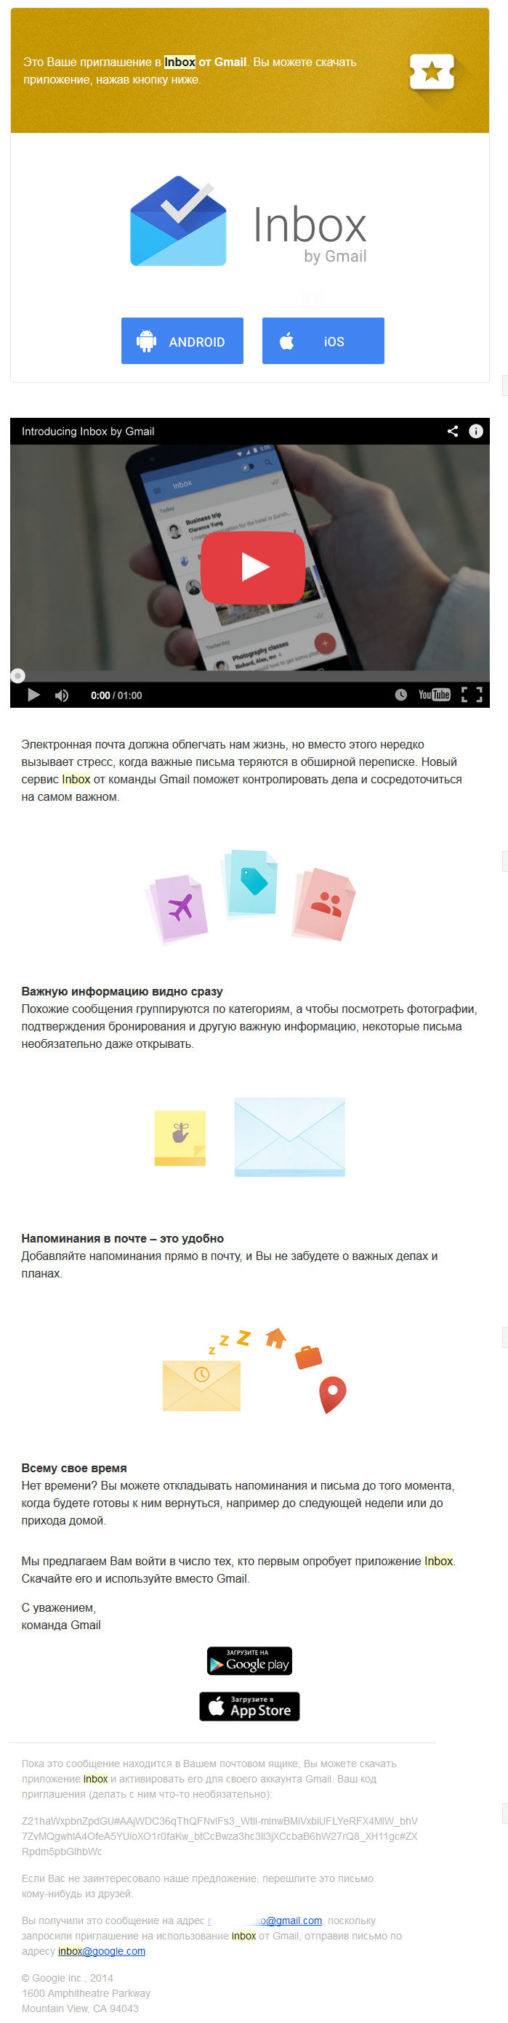 Ваше приглашение в Inbox